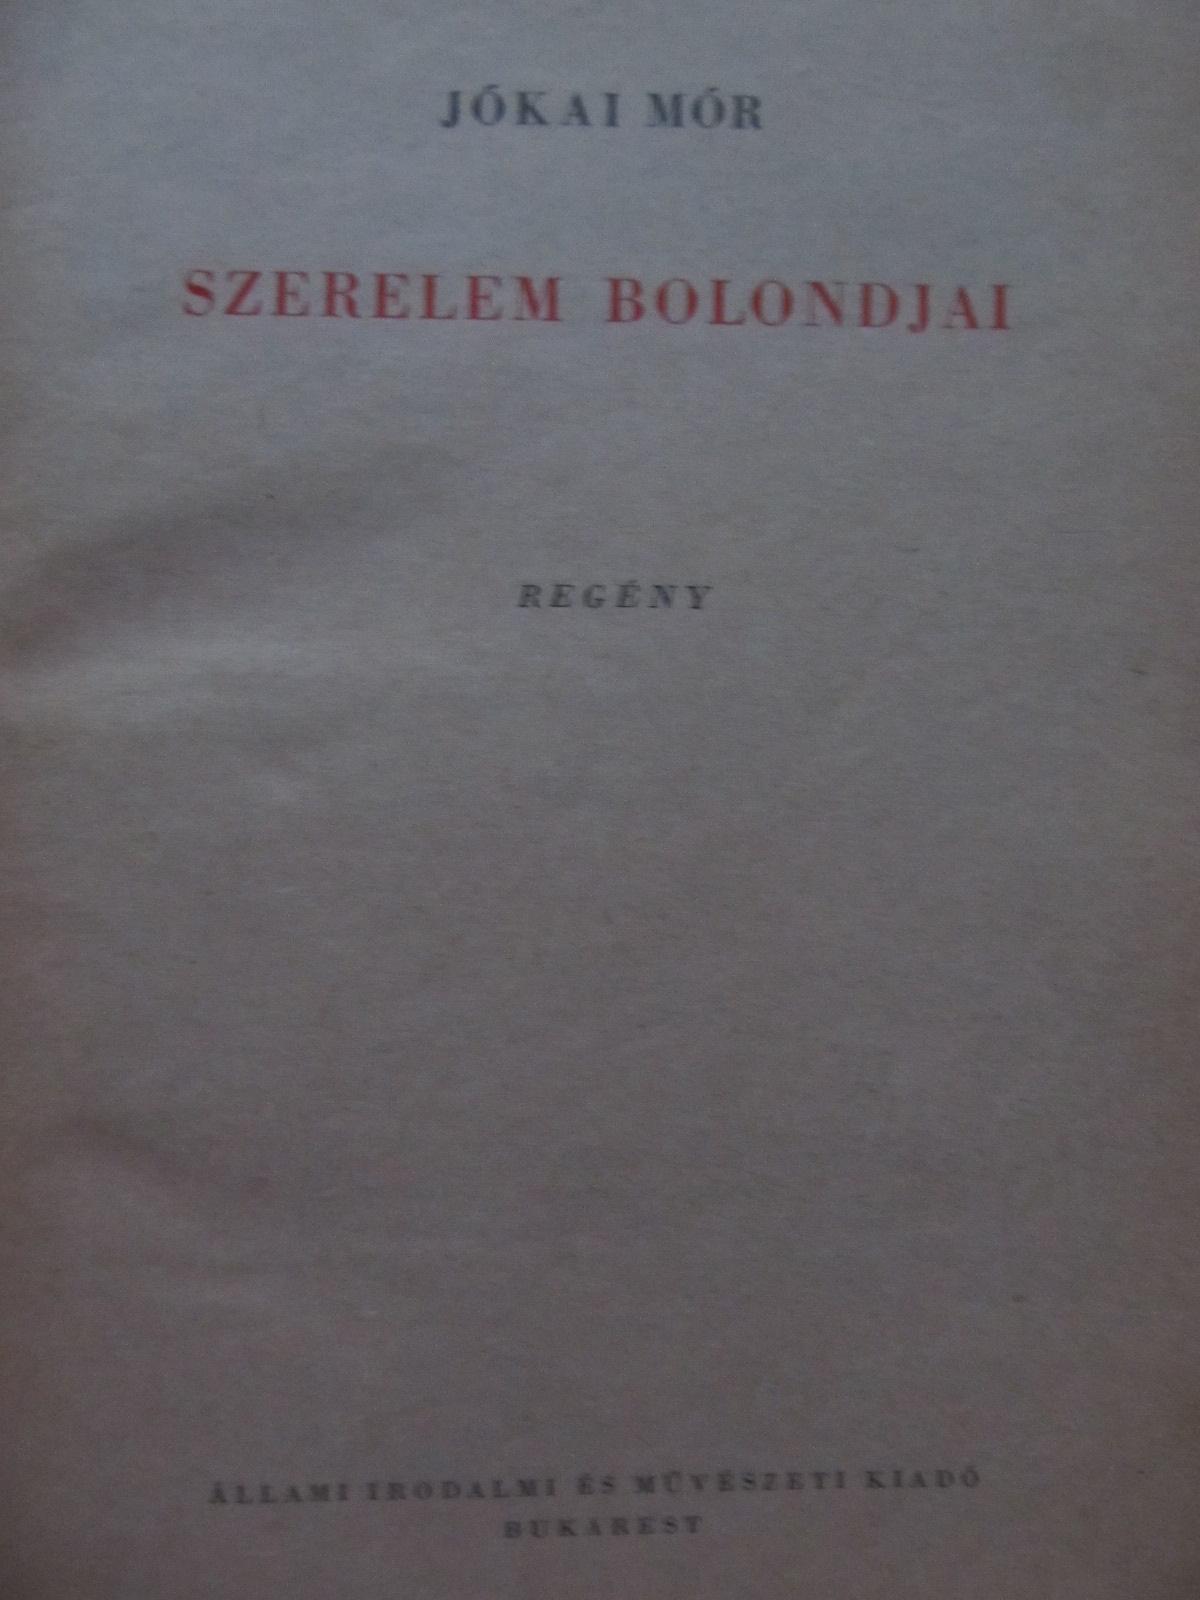 Szerelem bolondjai - Jokai Mor | Detalii carte